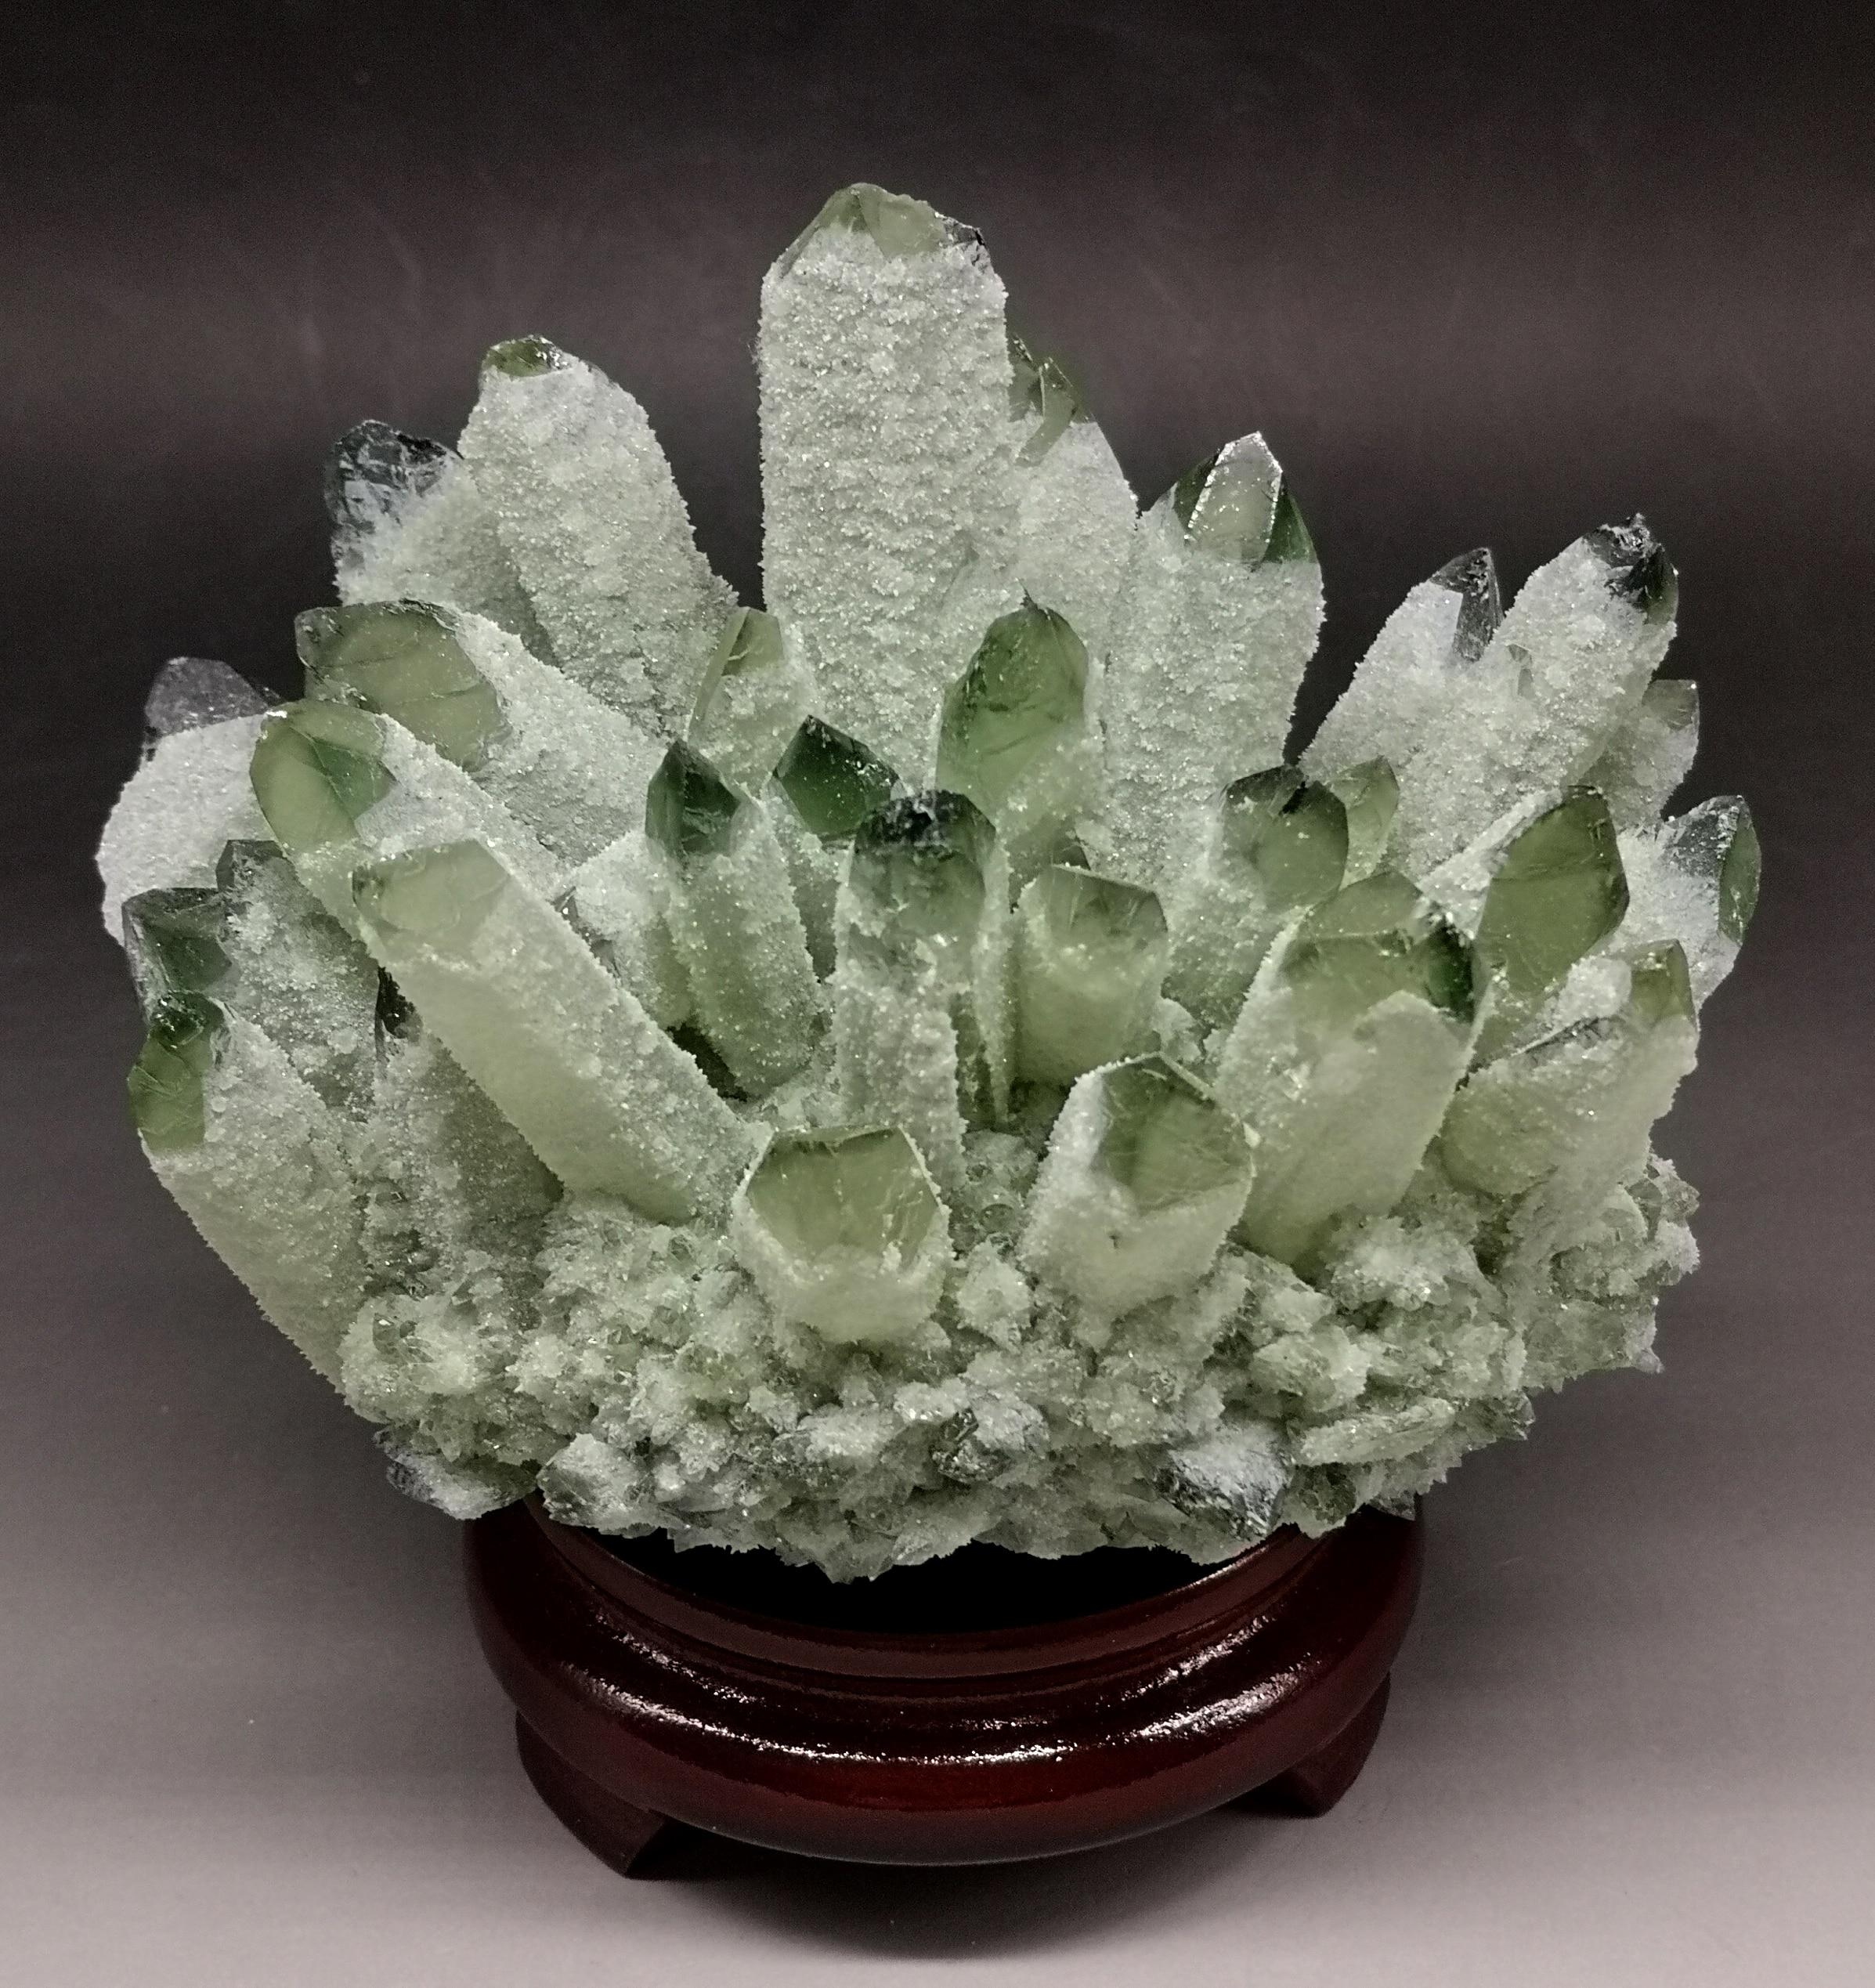 Ev ve Bahçe'ten Taşlar'de 1080g Doğal Yeşil Hayalet Phantom Kuvars Kristal Küme Kristaller ve taşlar Şifa Numune Dekorasyon Ücretsiz hediye ahşap taban'da  Grup 1